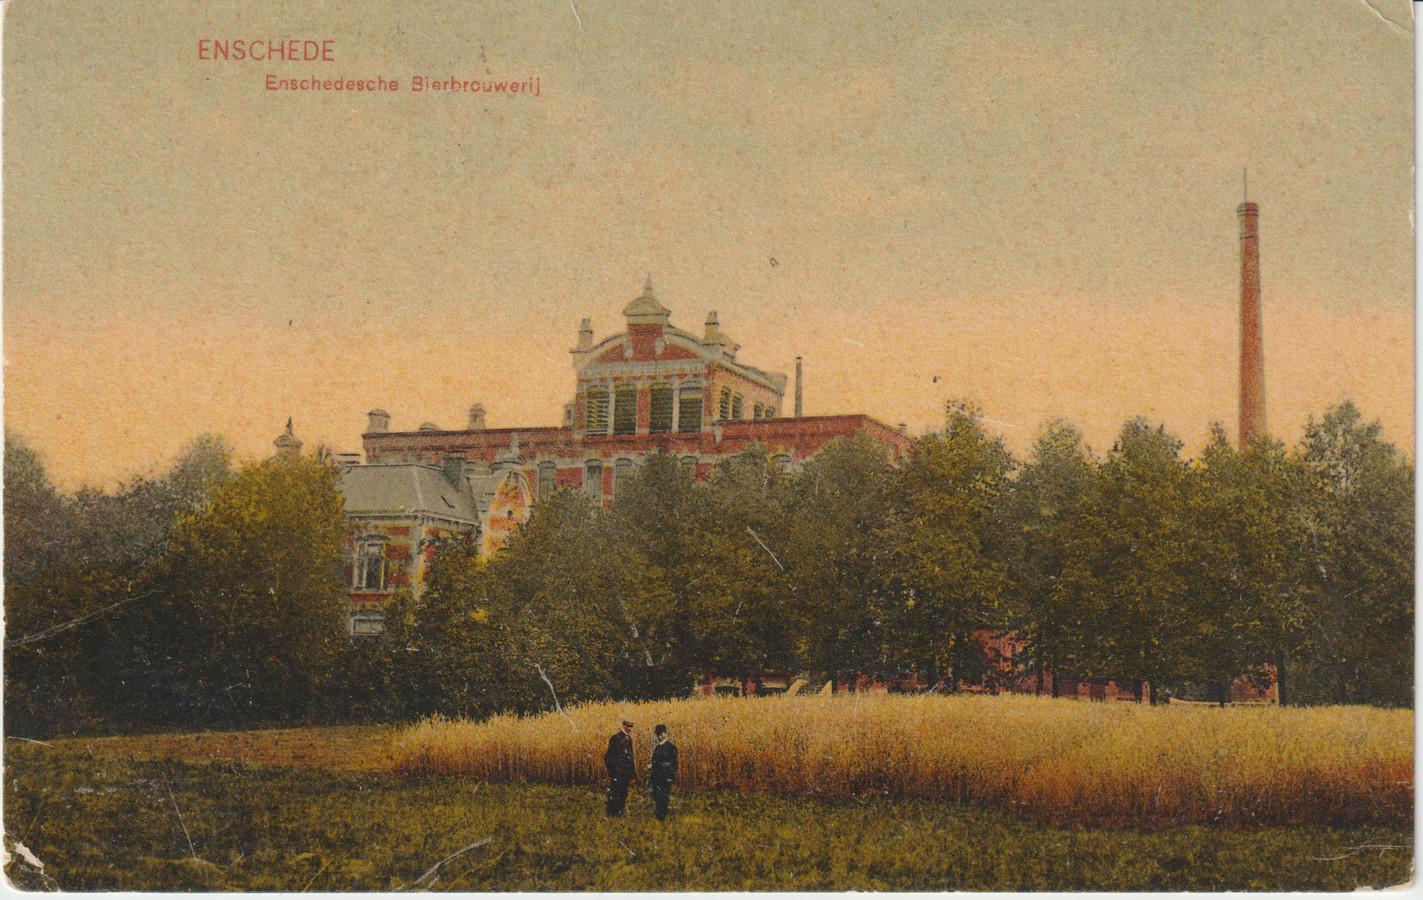 De Enschedesche Bierbrouwerij, 1908.